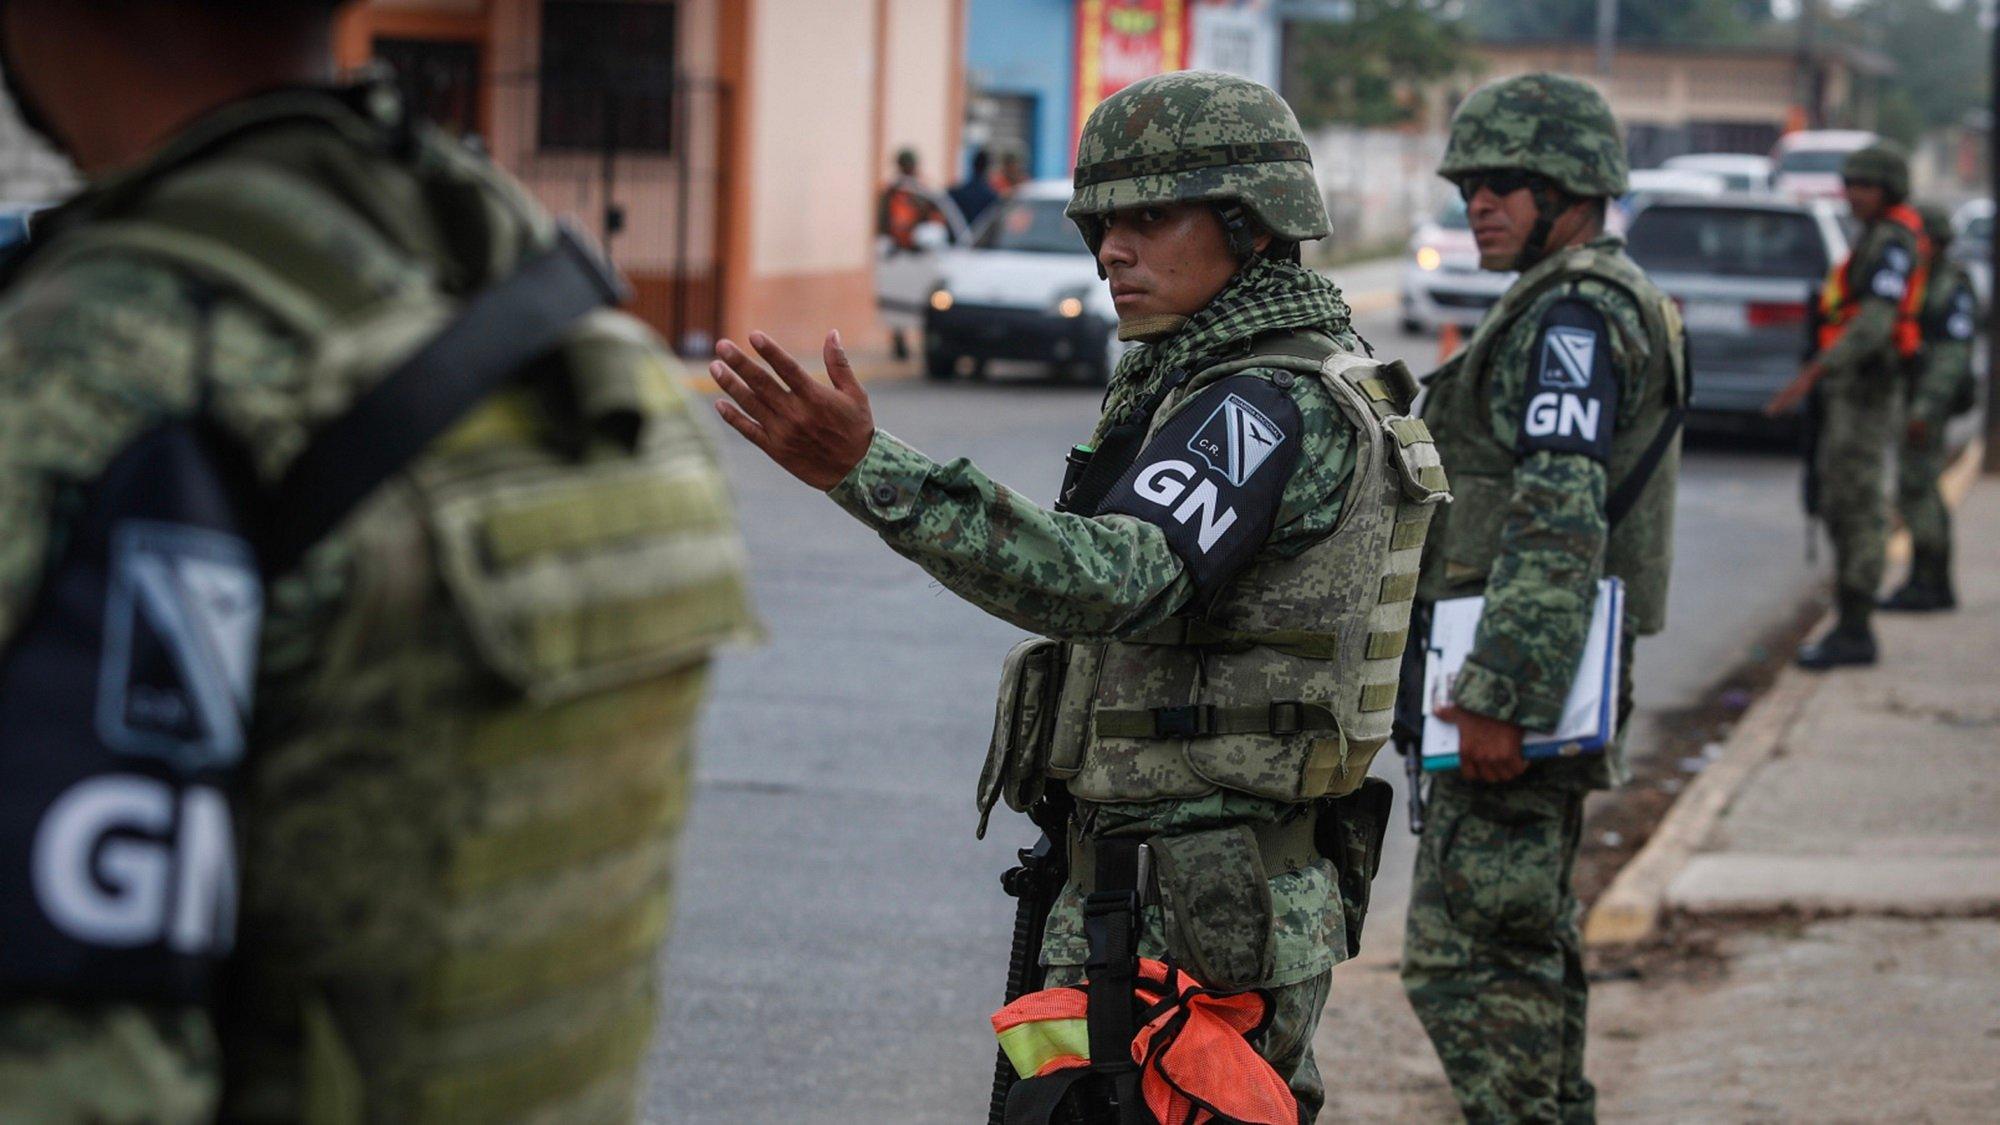 Comerciantes esperan que la Guardia Nacional resuelva la inseguridad